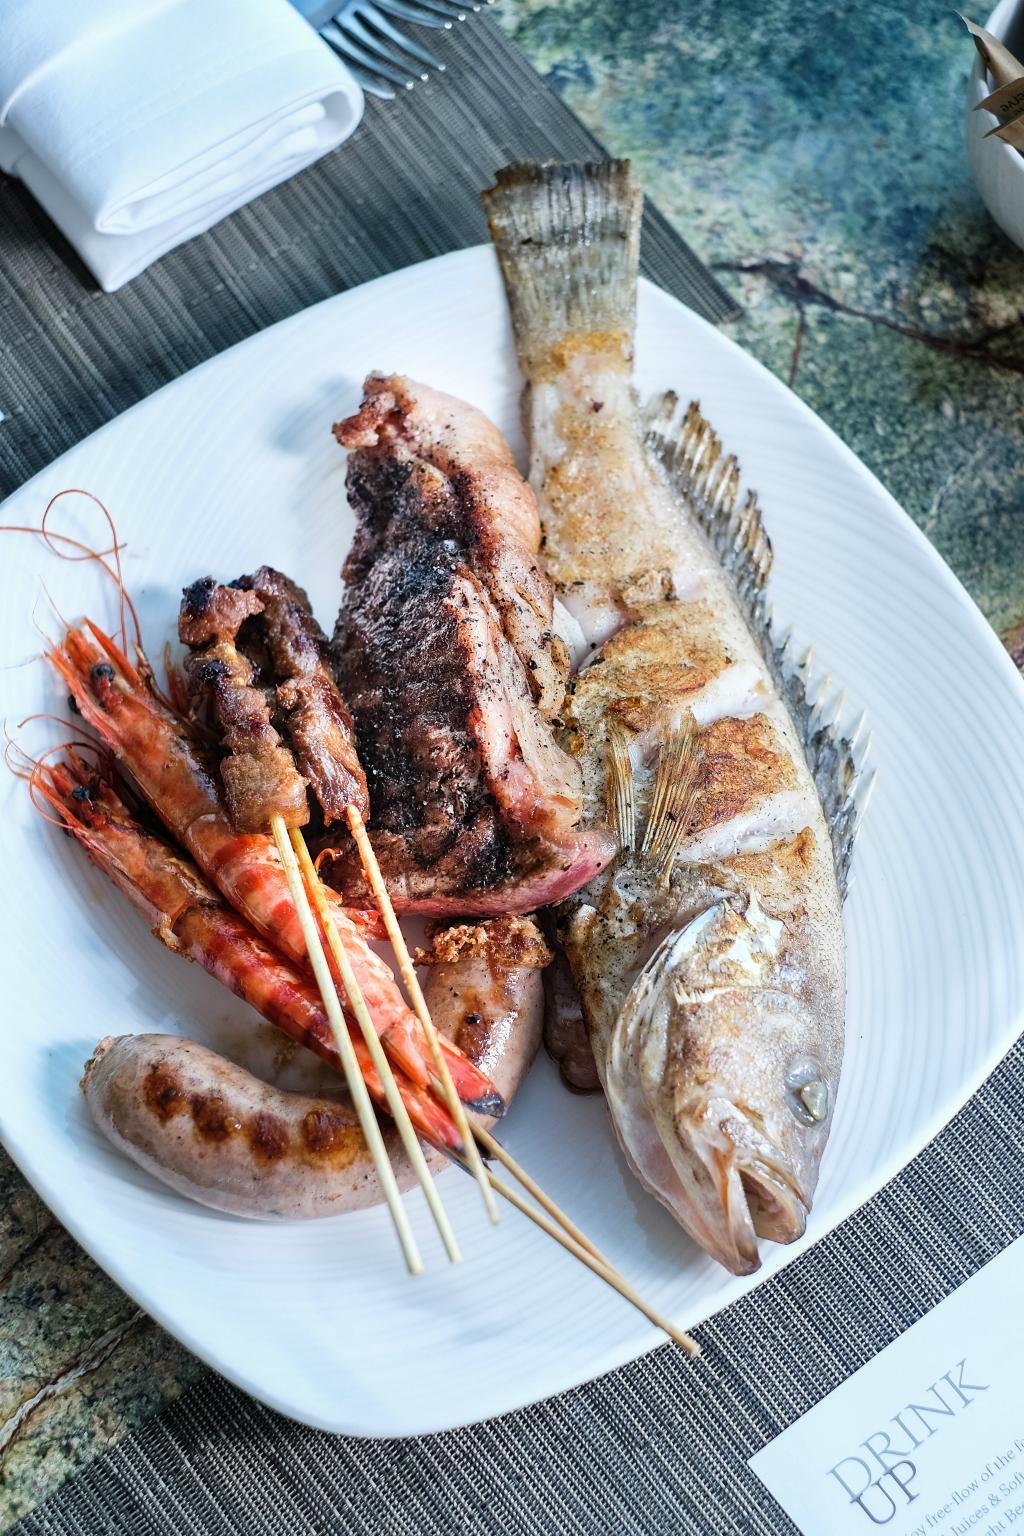 Seasonal Tastes' Grilling meat